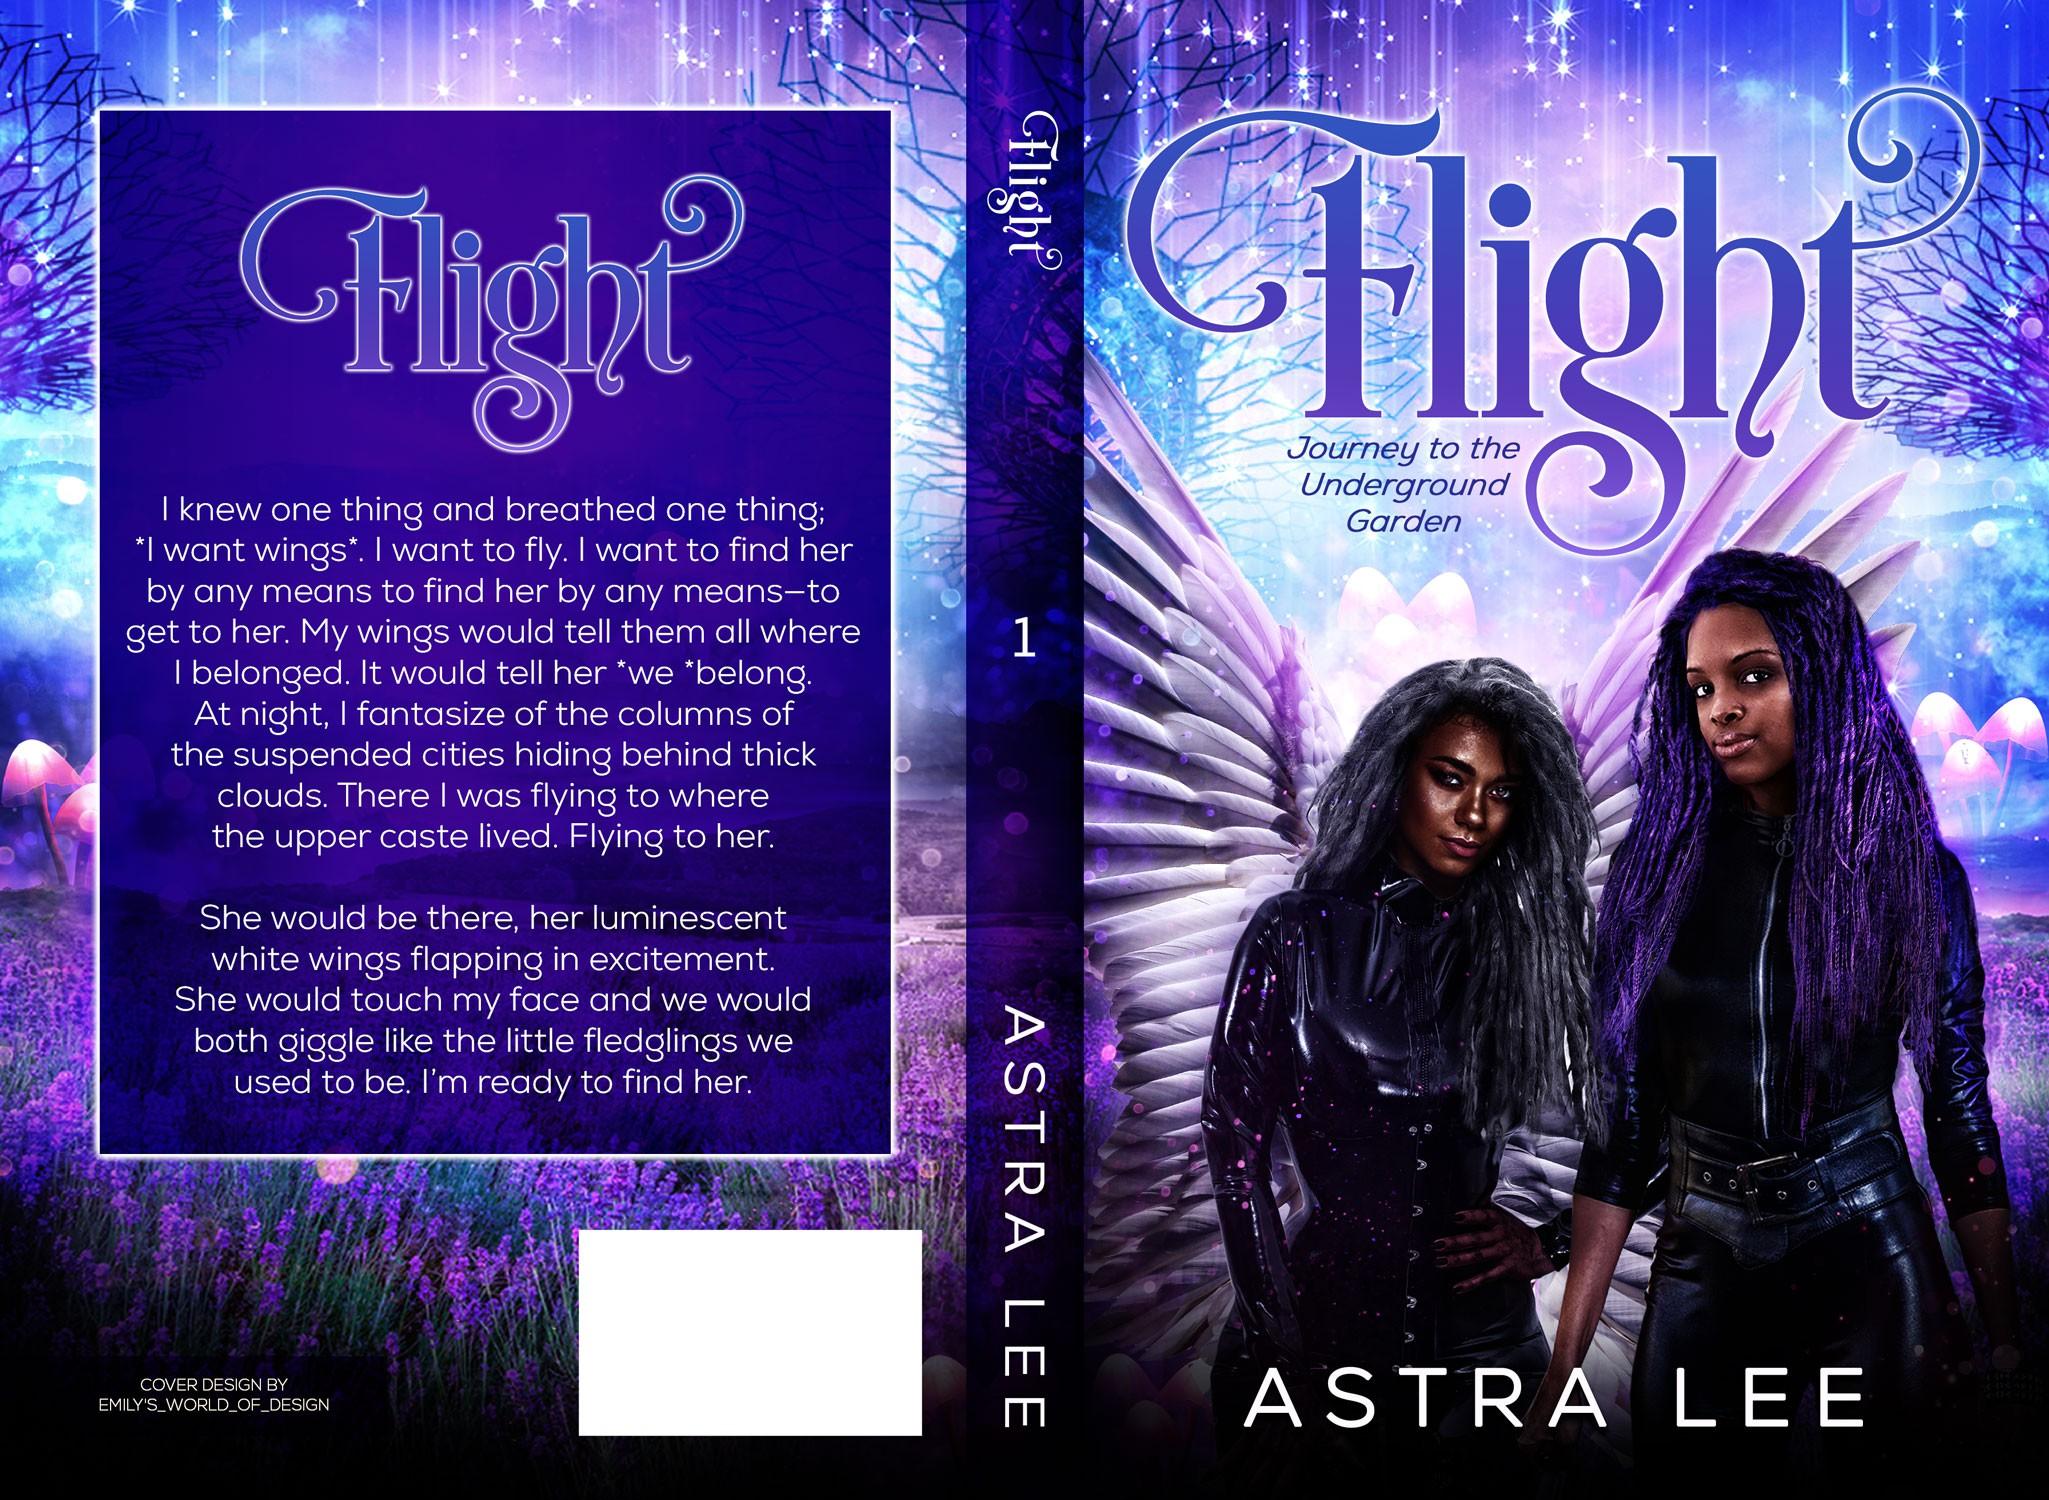 Book Cover for a fantasy novel.